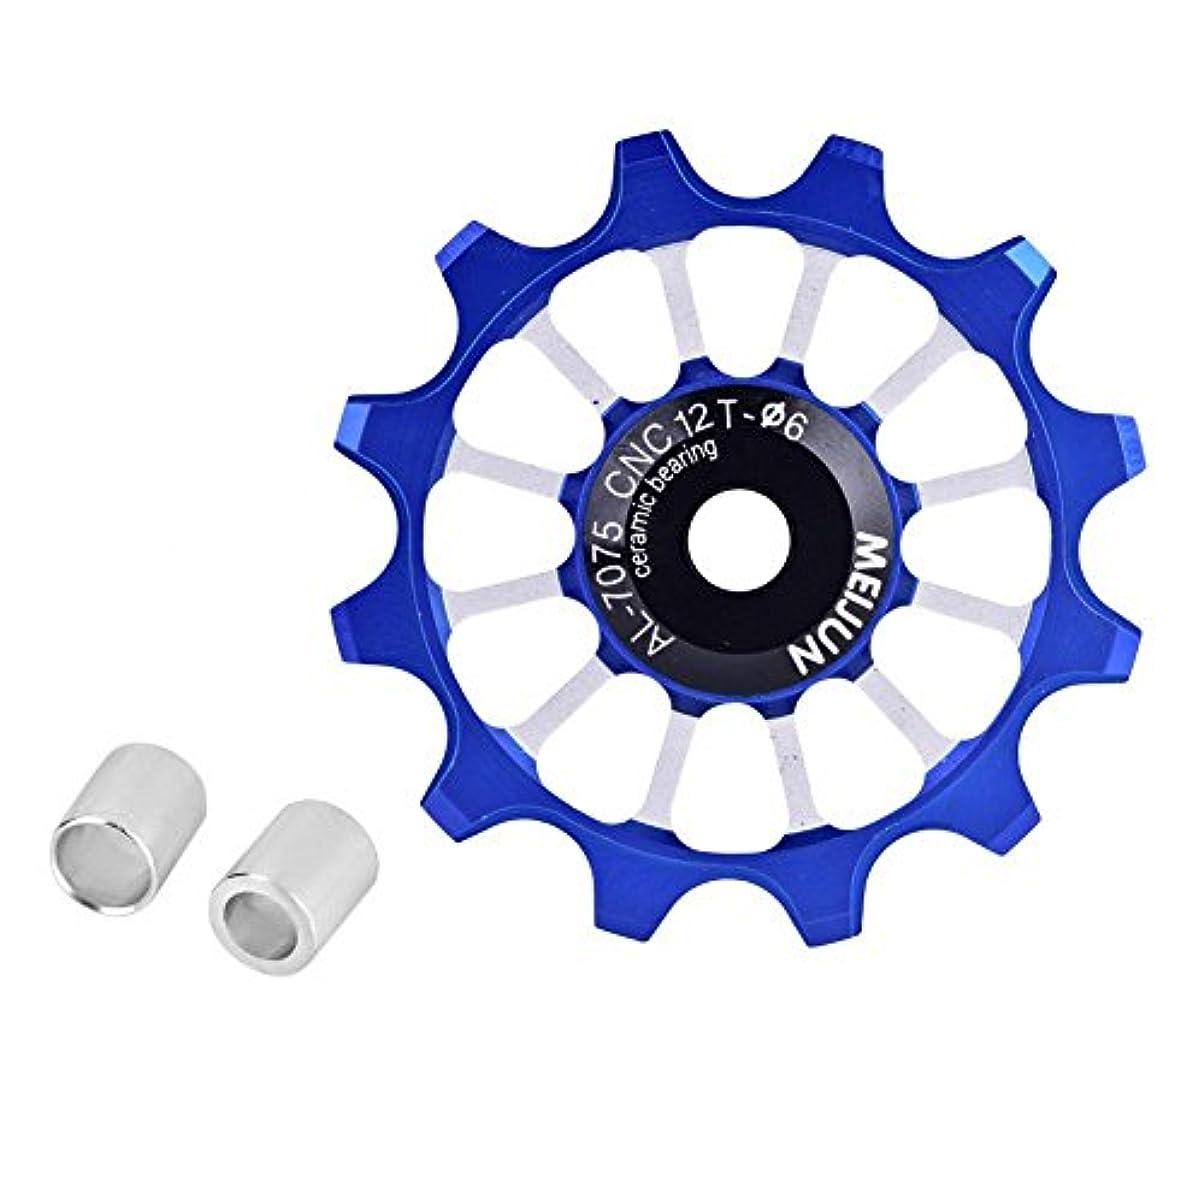 強打不屈気分が悪い自転車ガイドホイール、12Tジョッキーホイールリアディレイラープーリーアルミ合金セラミックジョッキープーリーホイール、7/8/9/10スピードバイク4色用